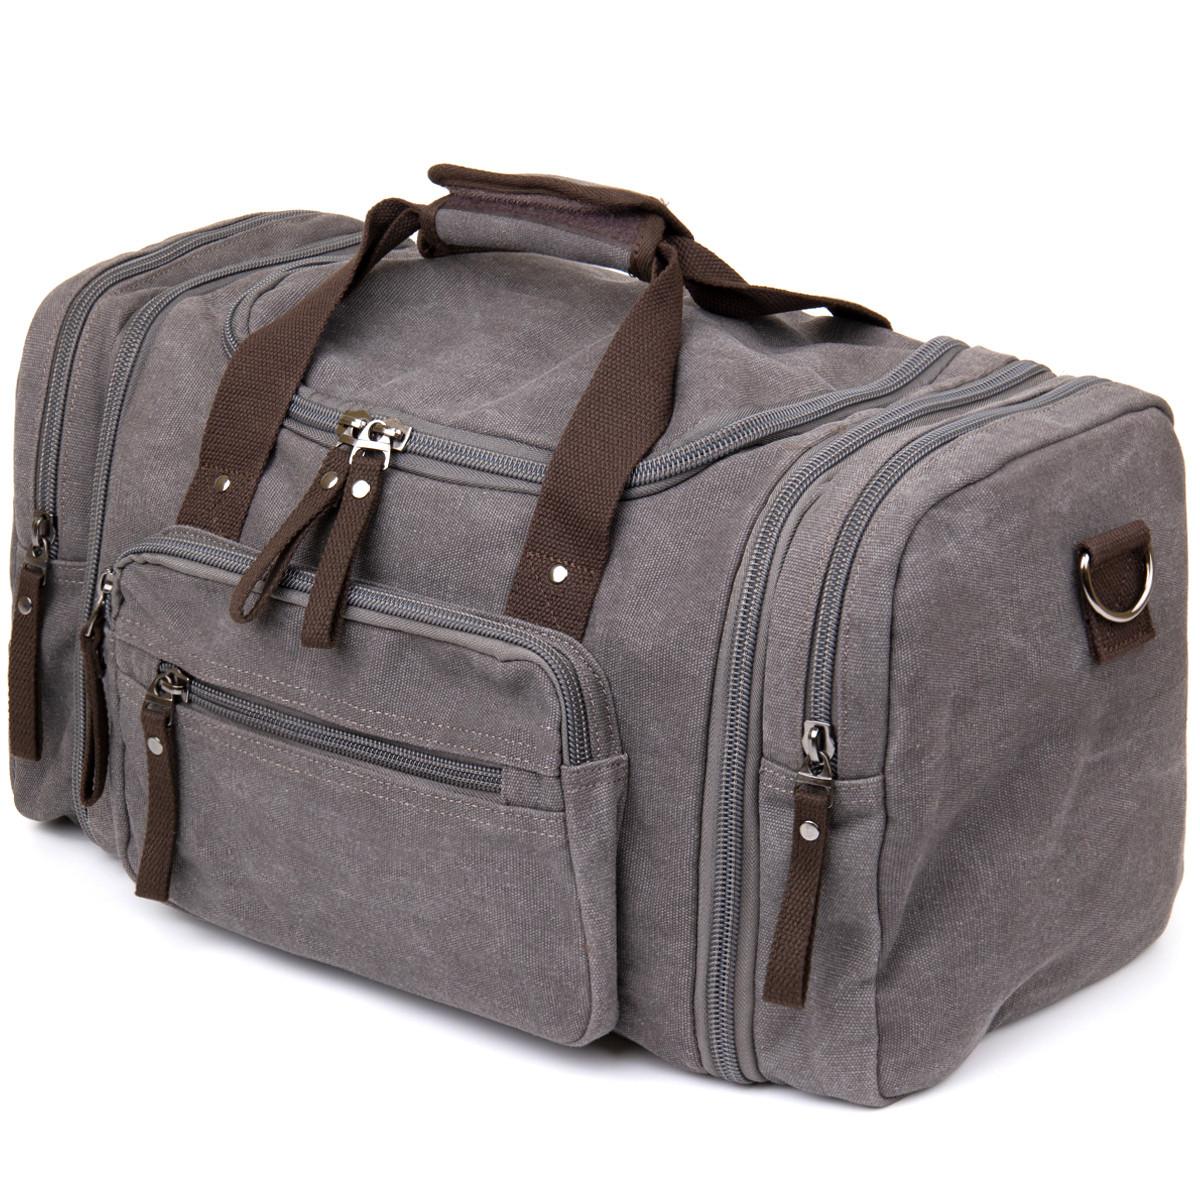 Дорожная сумка текстильная Vintage 20665 Серая